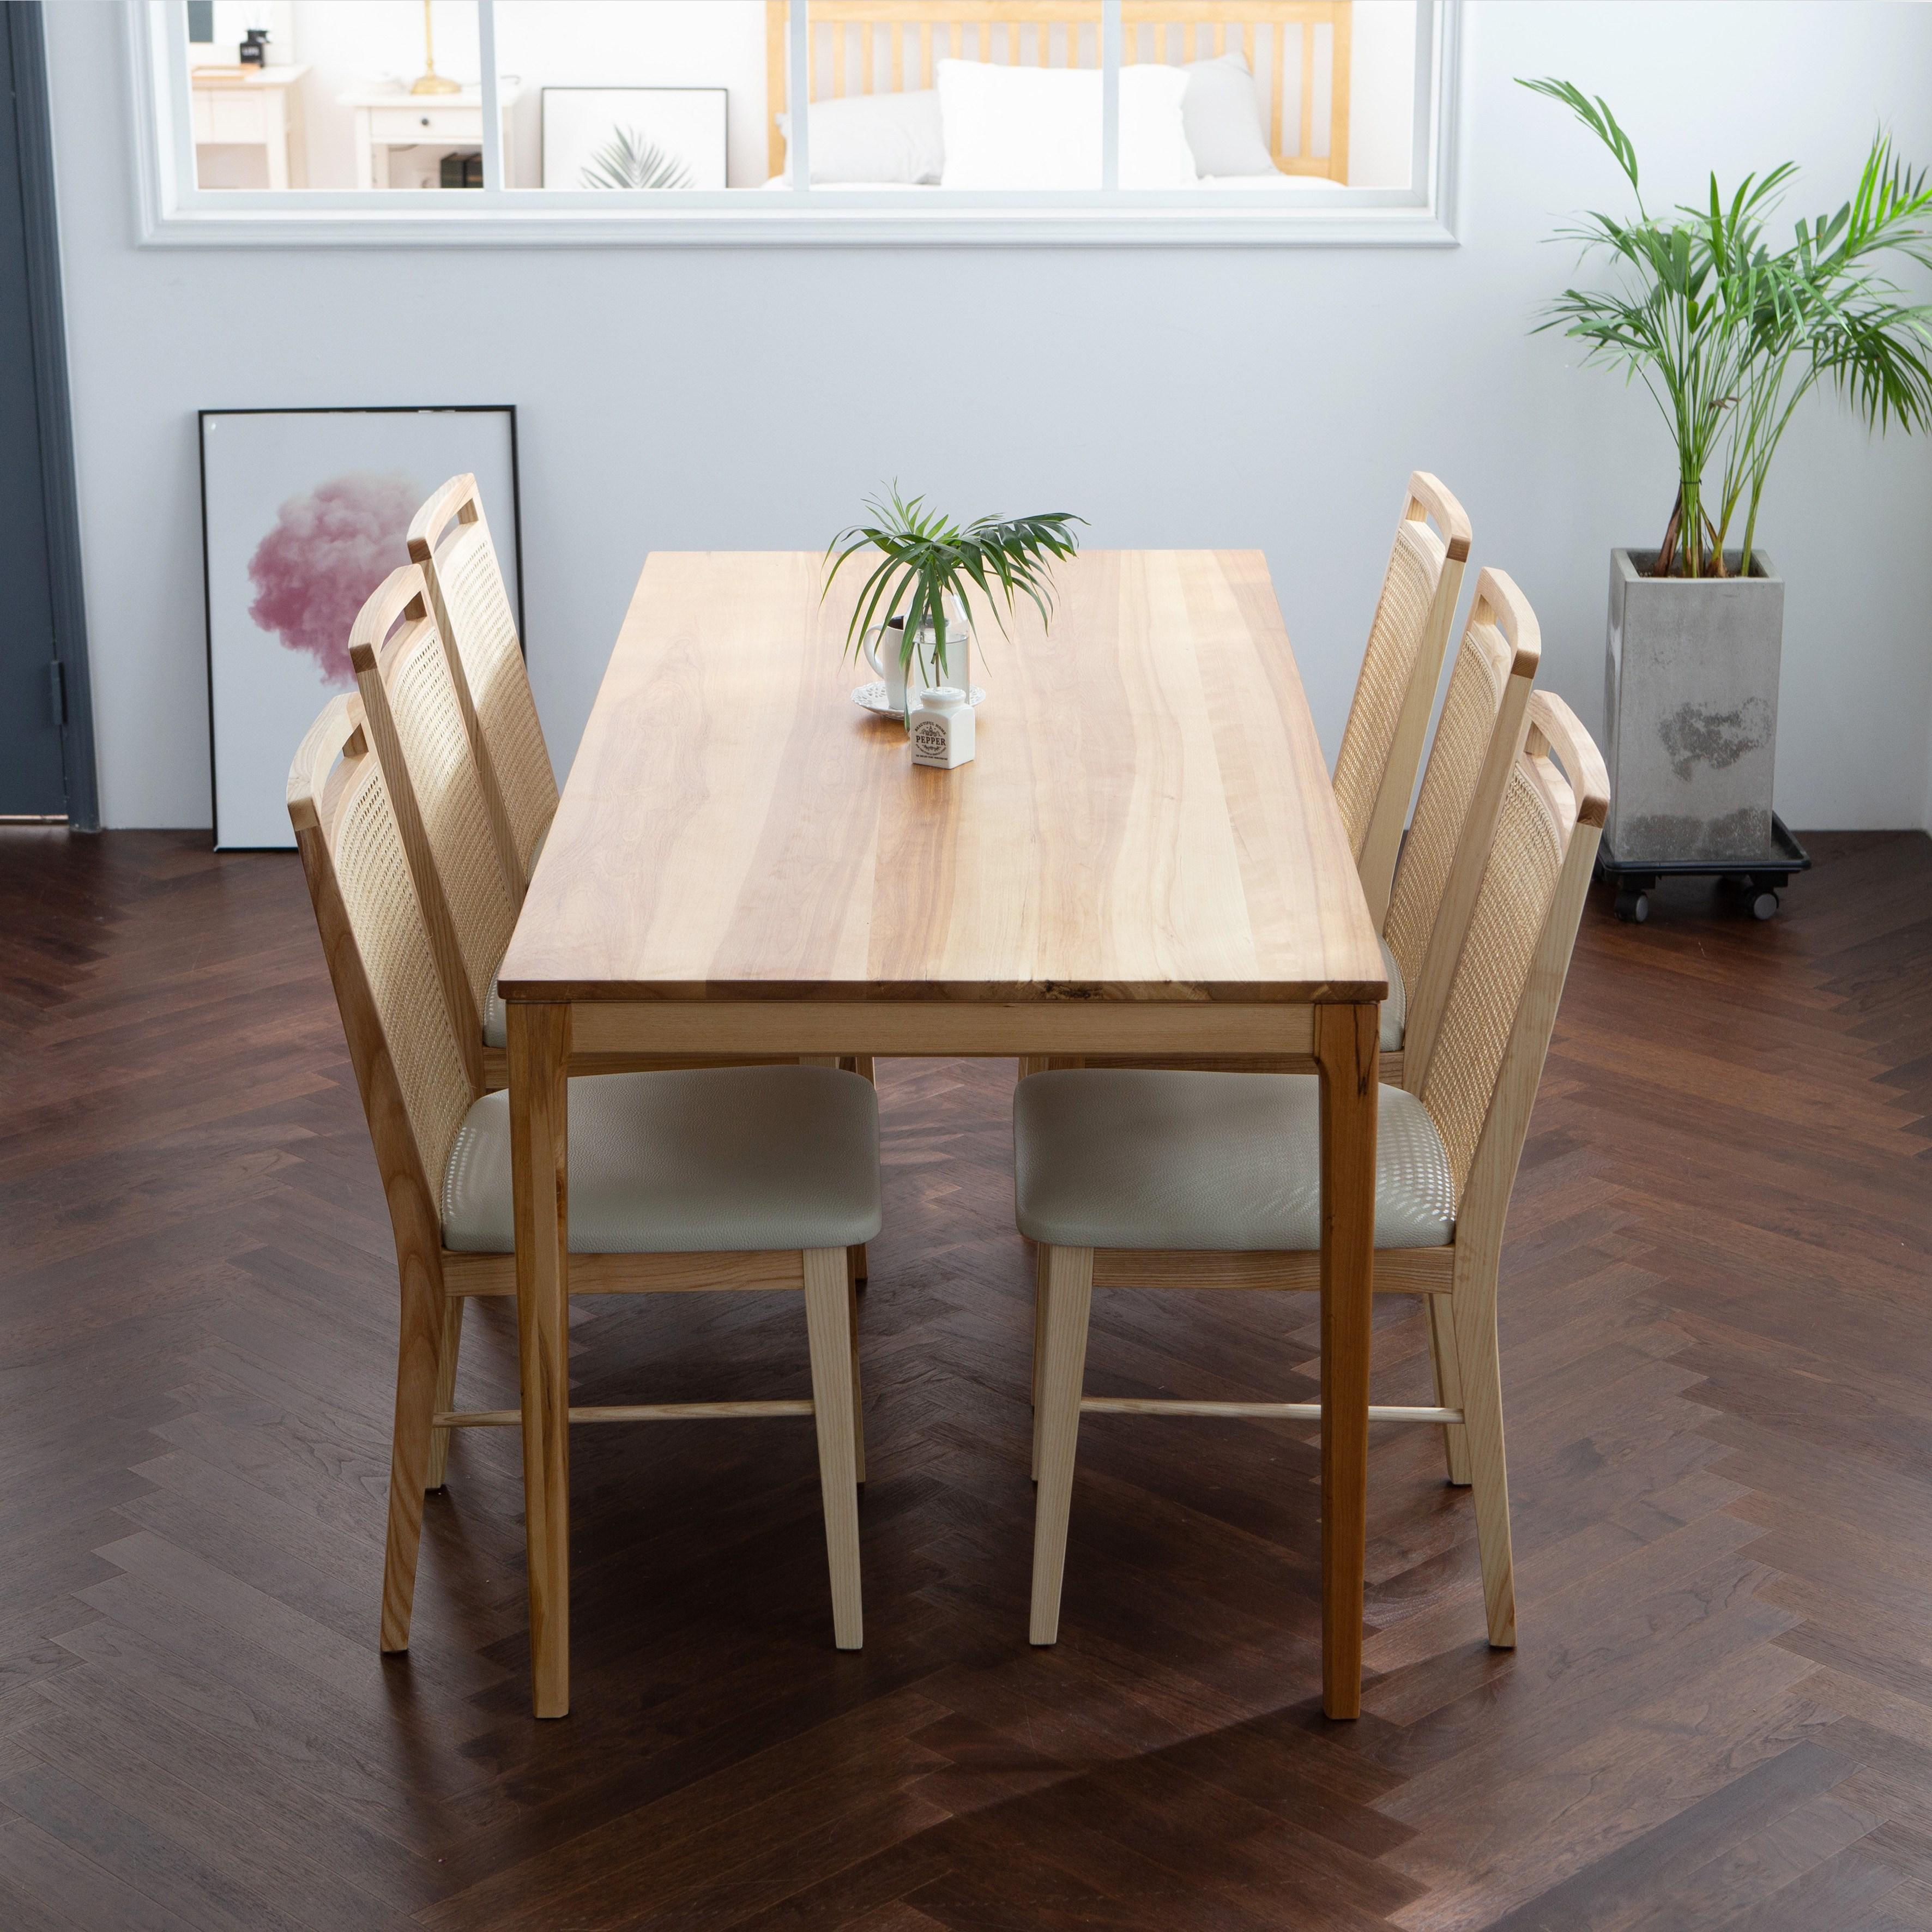 체나레 케인 자작나무 원목 테이블, 내추럴